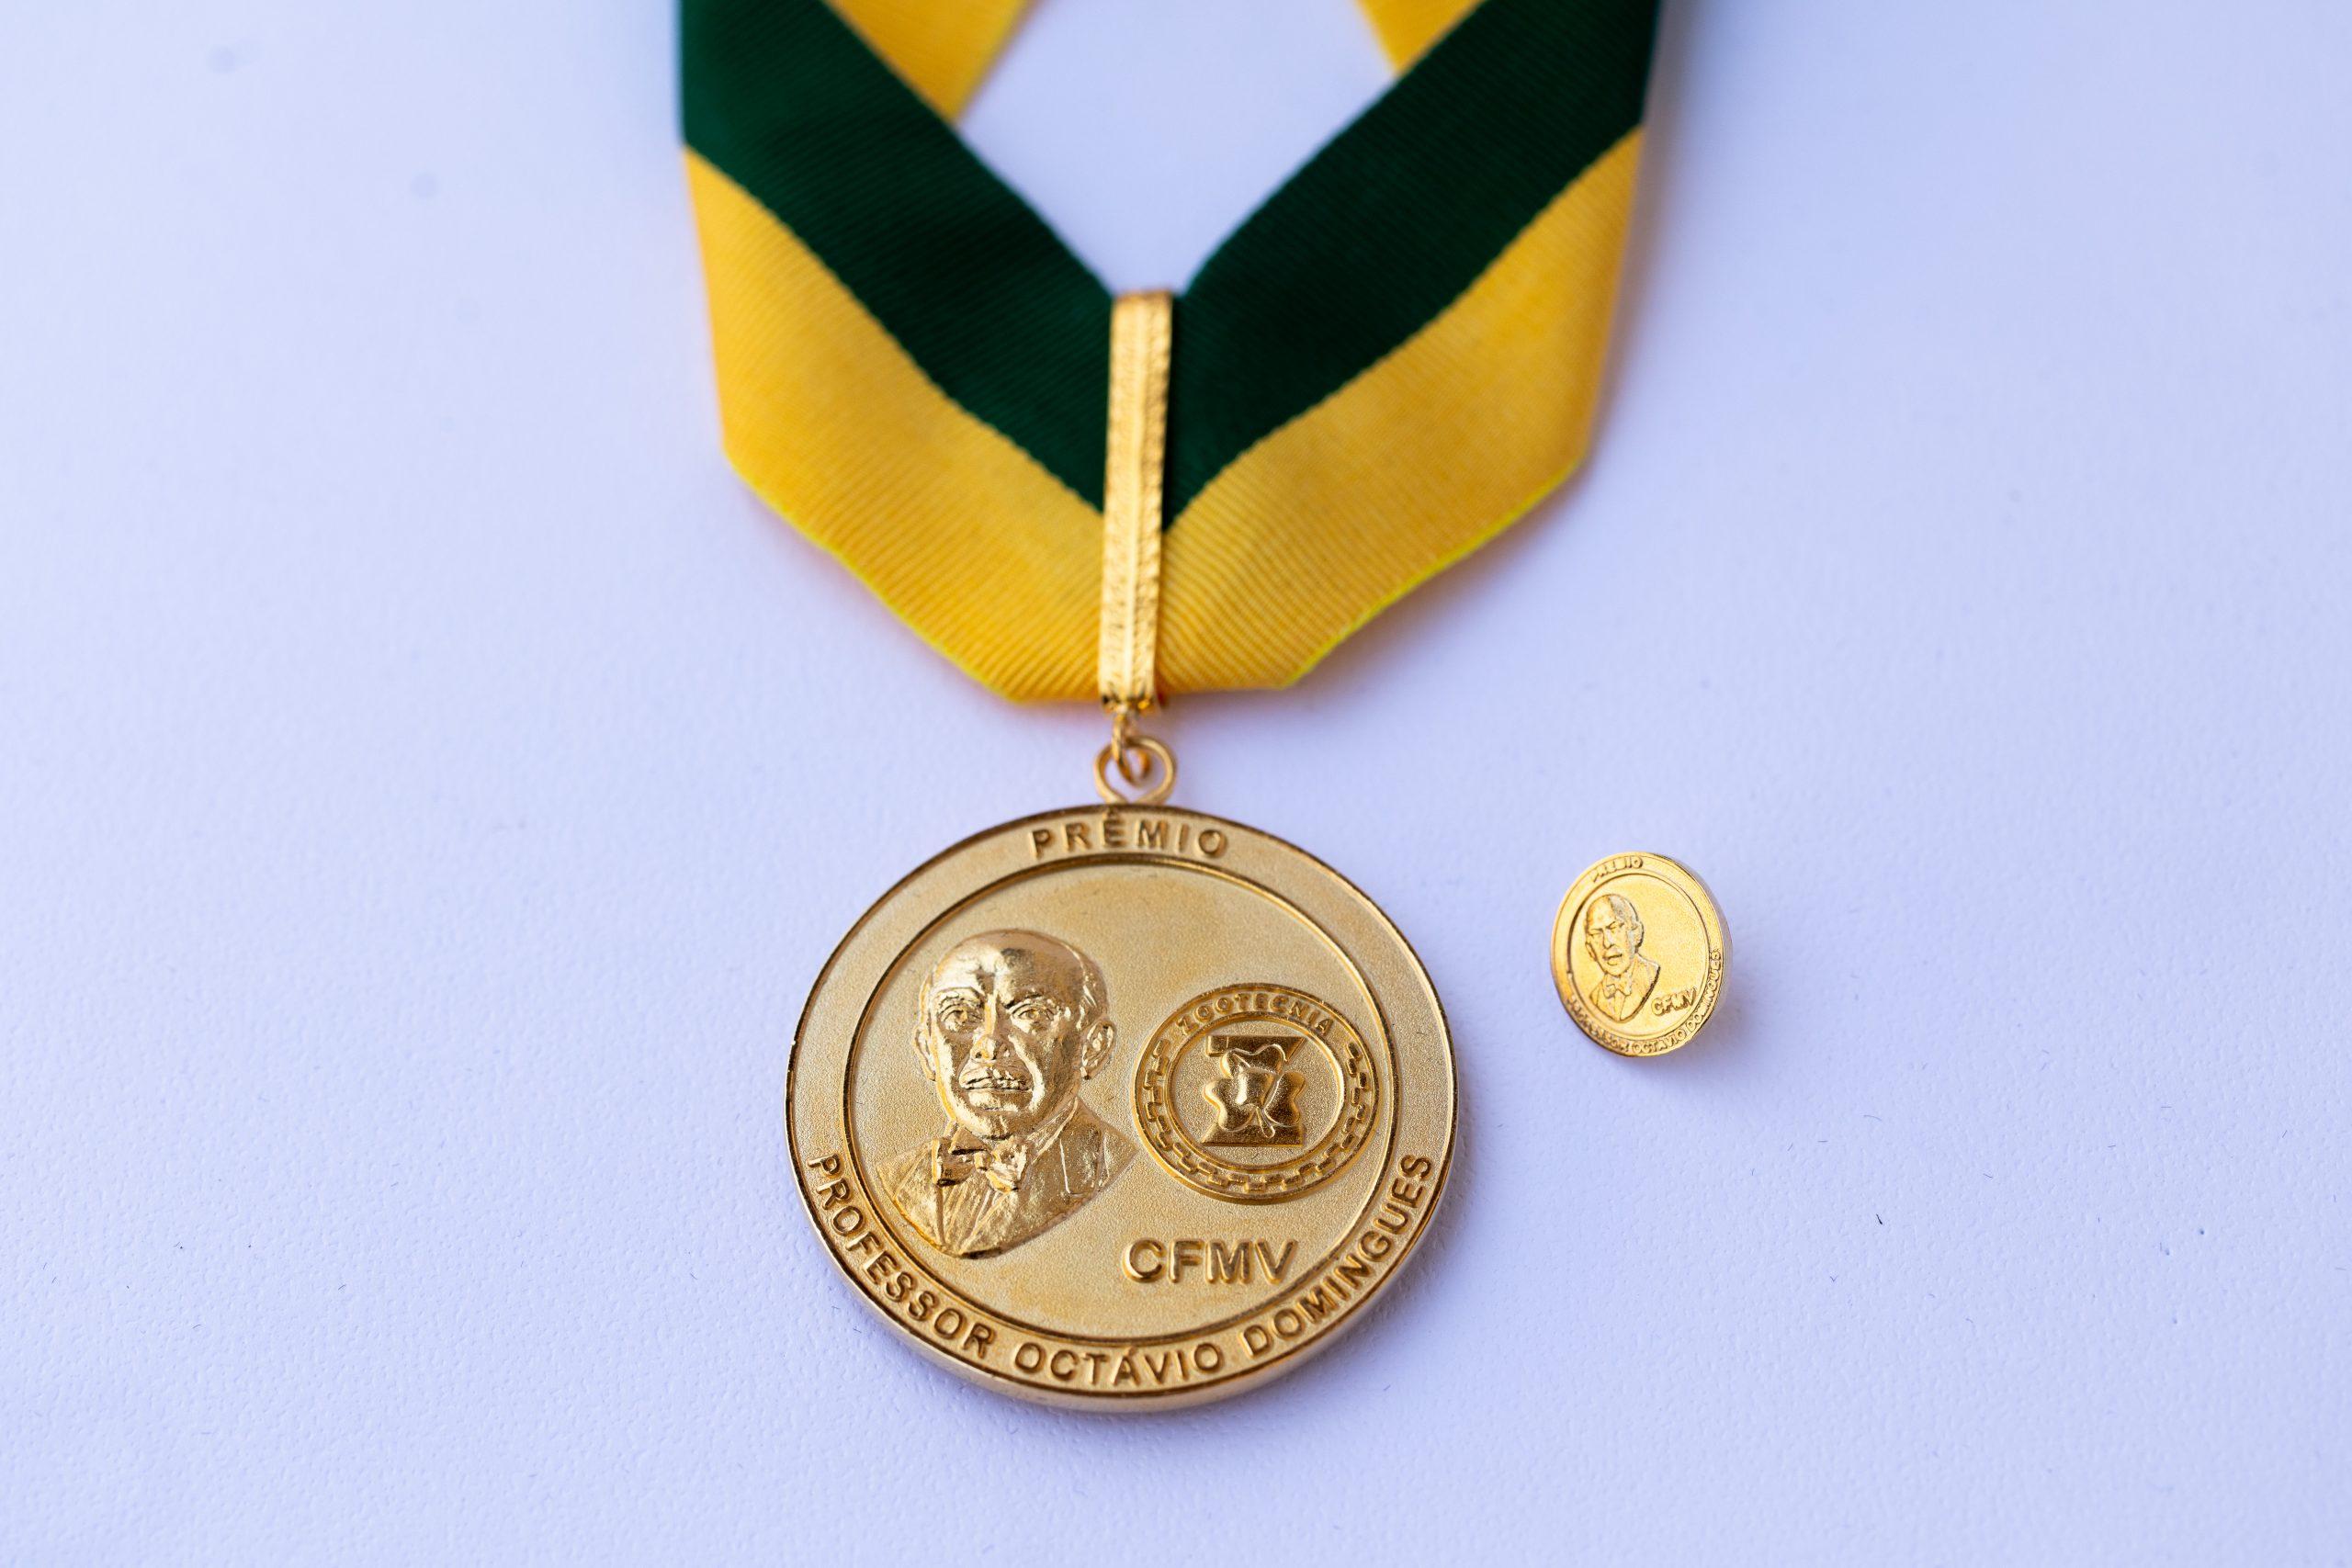 Prêmio Octávio Domingues